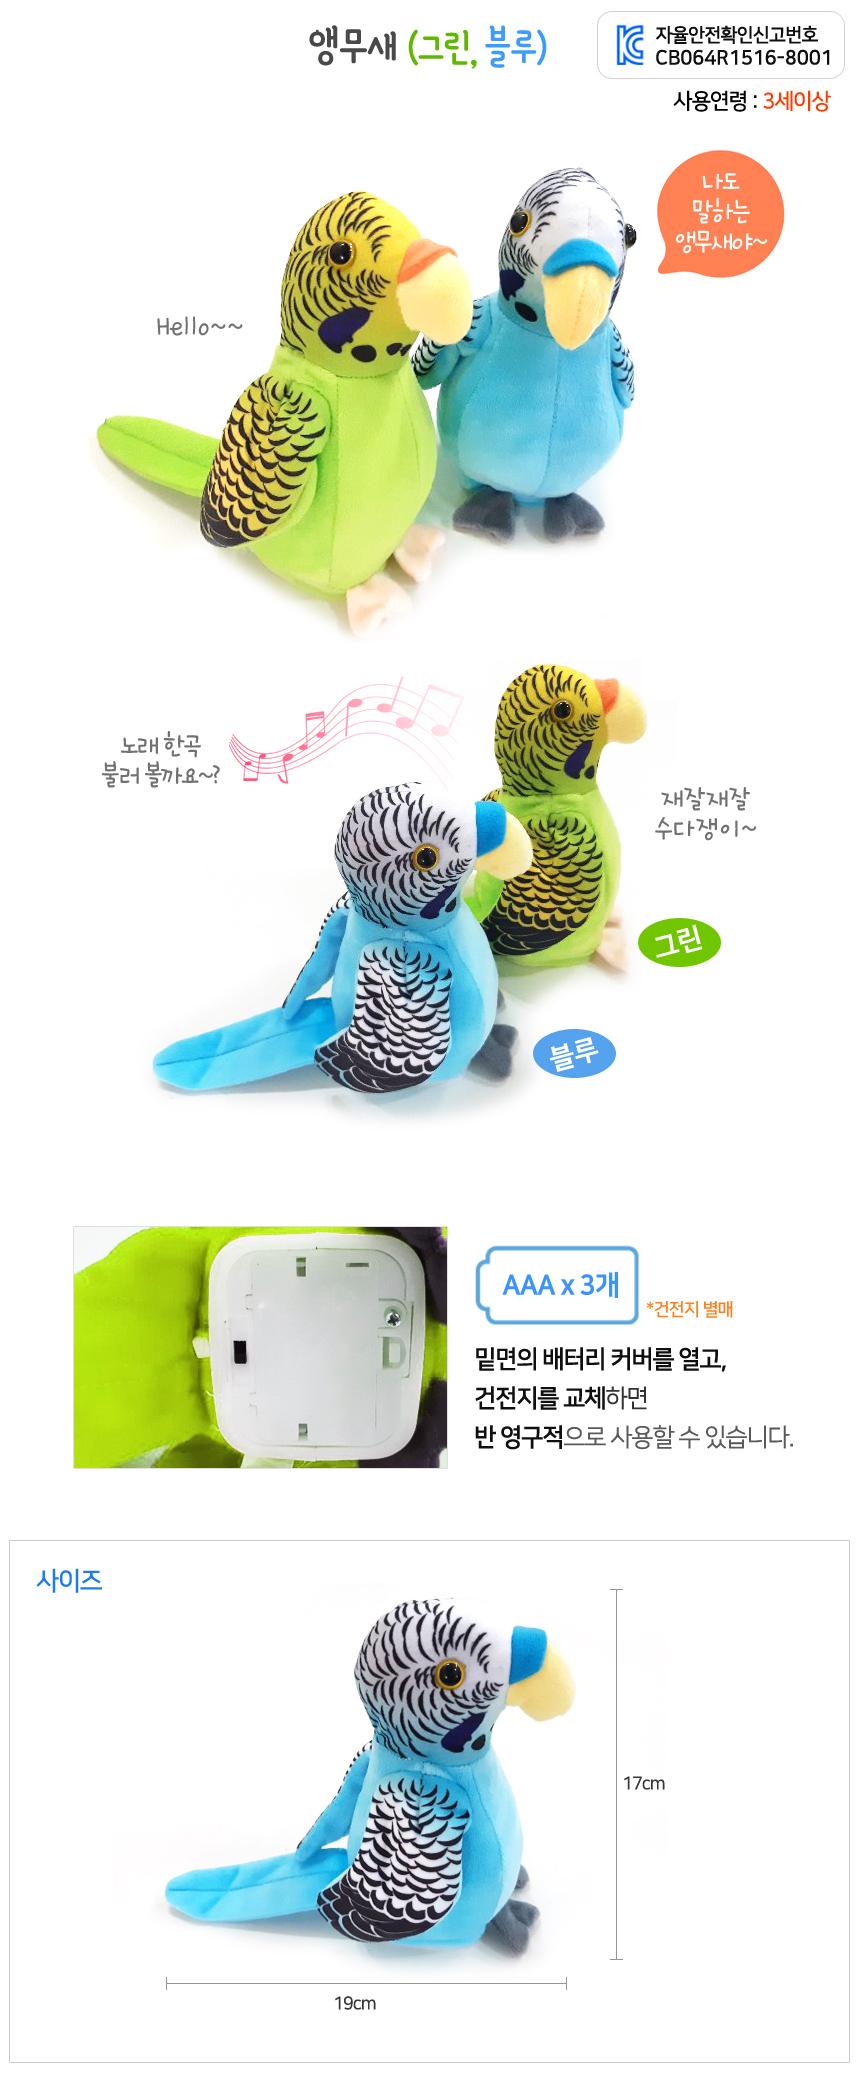 parrot_03.jpg